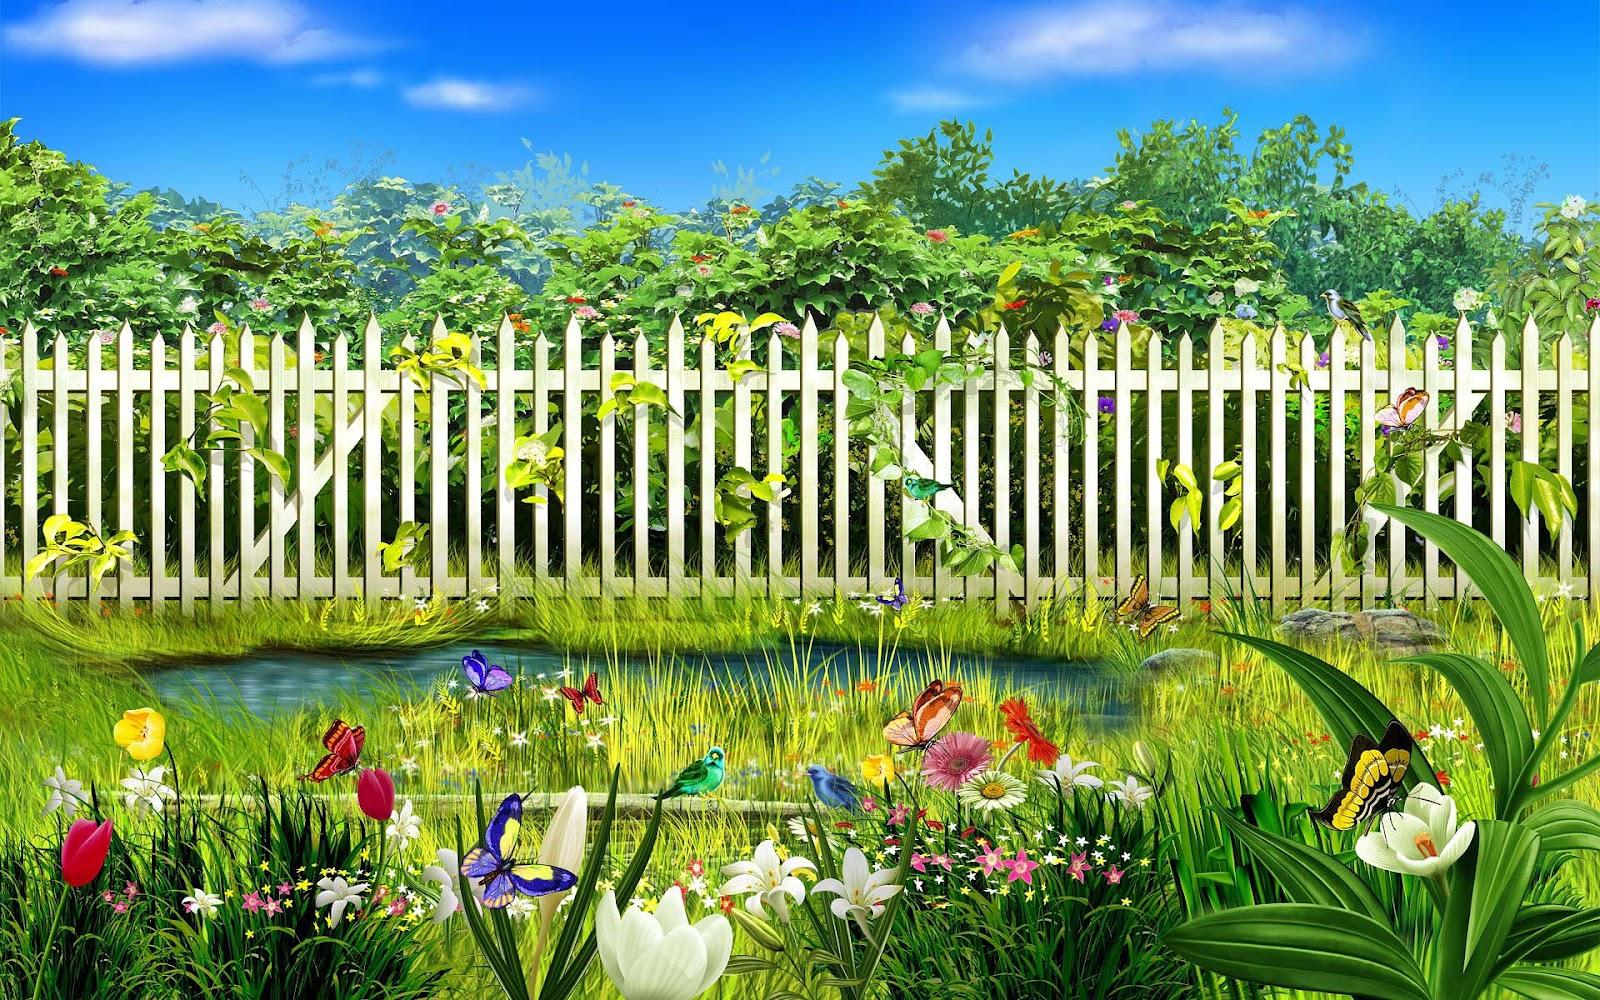 lente achtergronden hd - photo #10